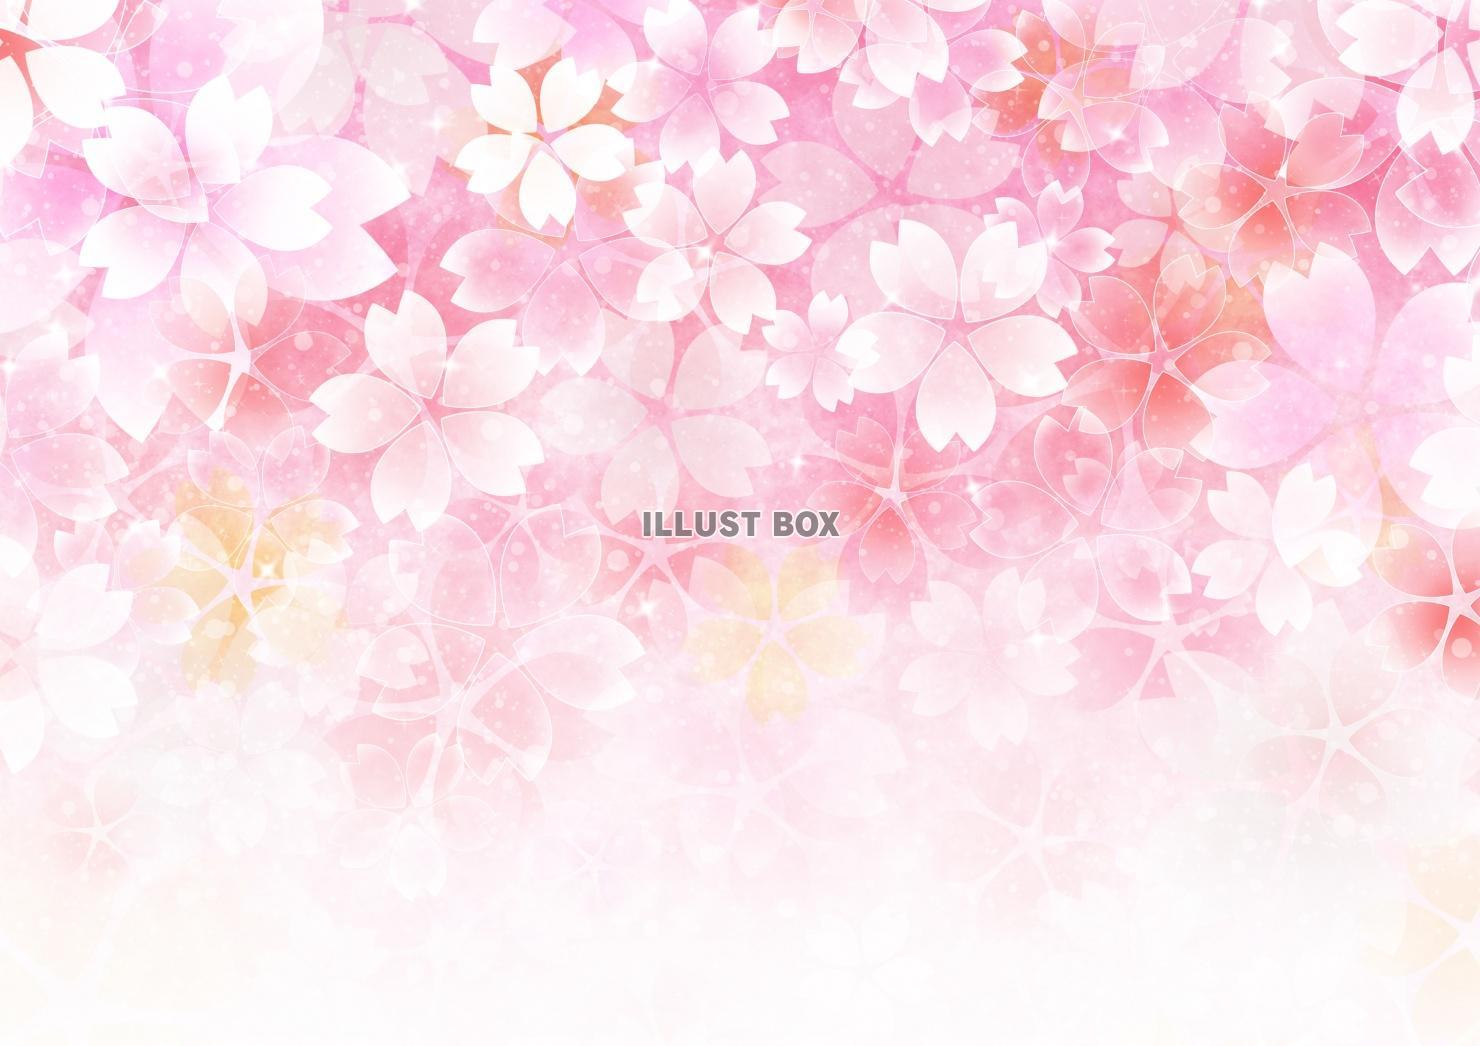 無料イラスト a4高画質桜の背景(jpgのみ)